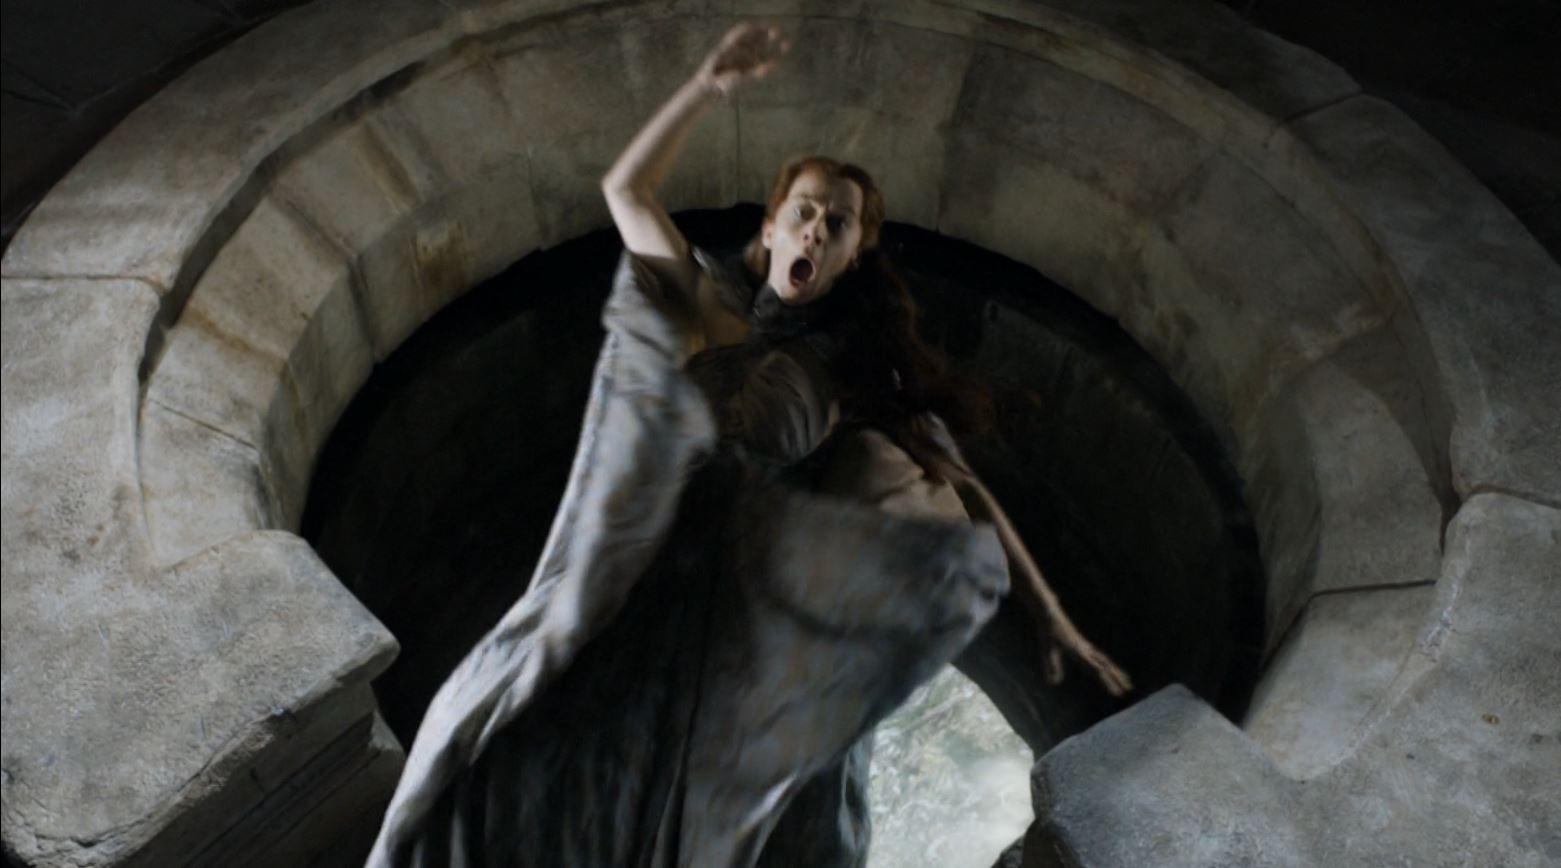 Mockingbird | Game of Thrones Wiki | FANDOM powered by Wikia